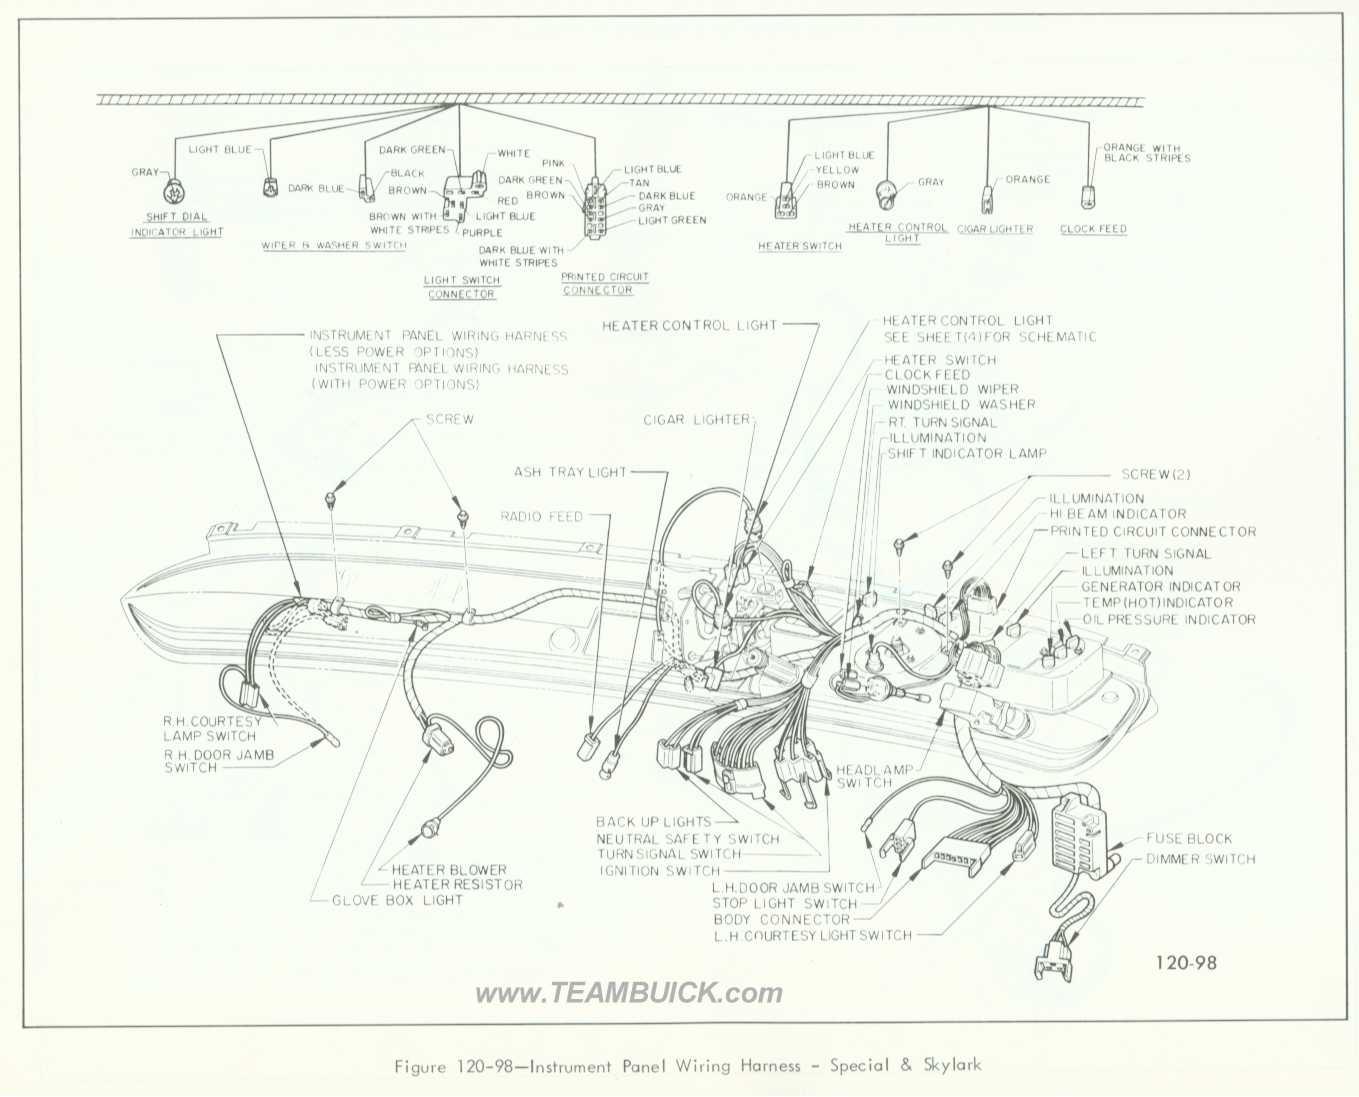 Instrument Wiring Harnes